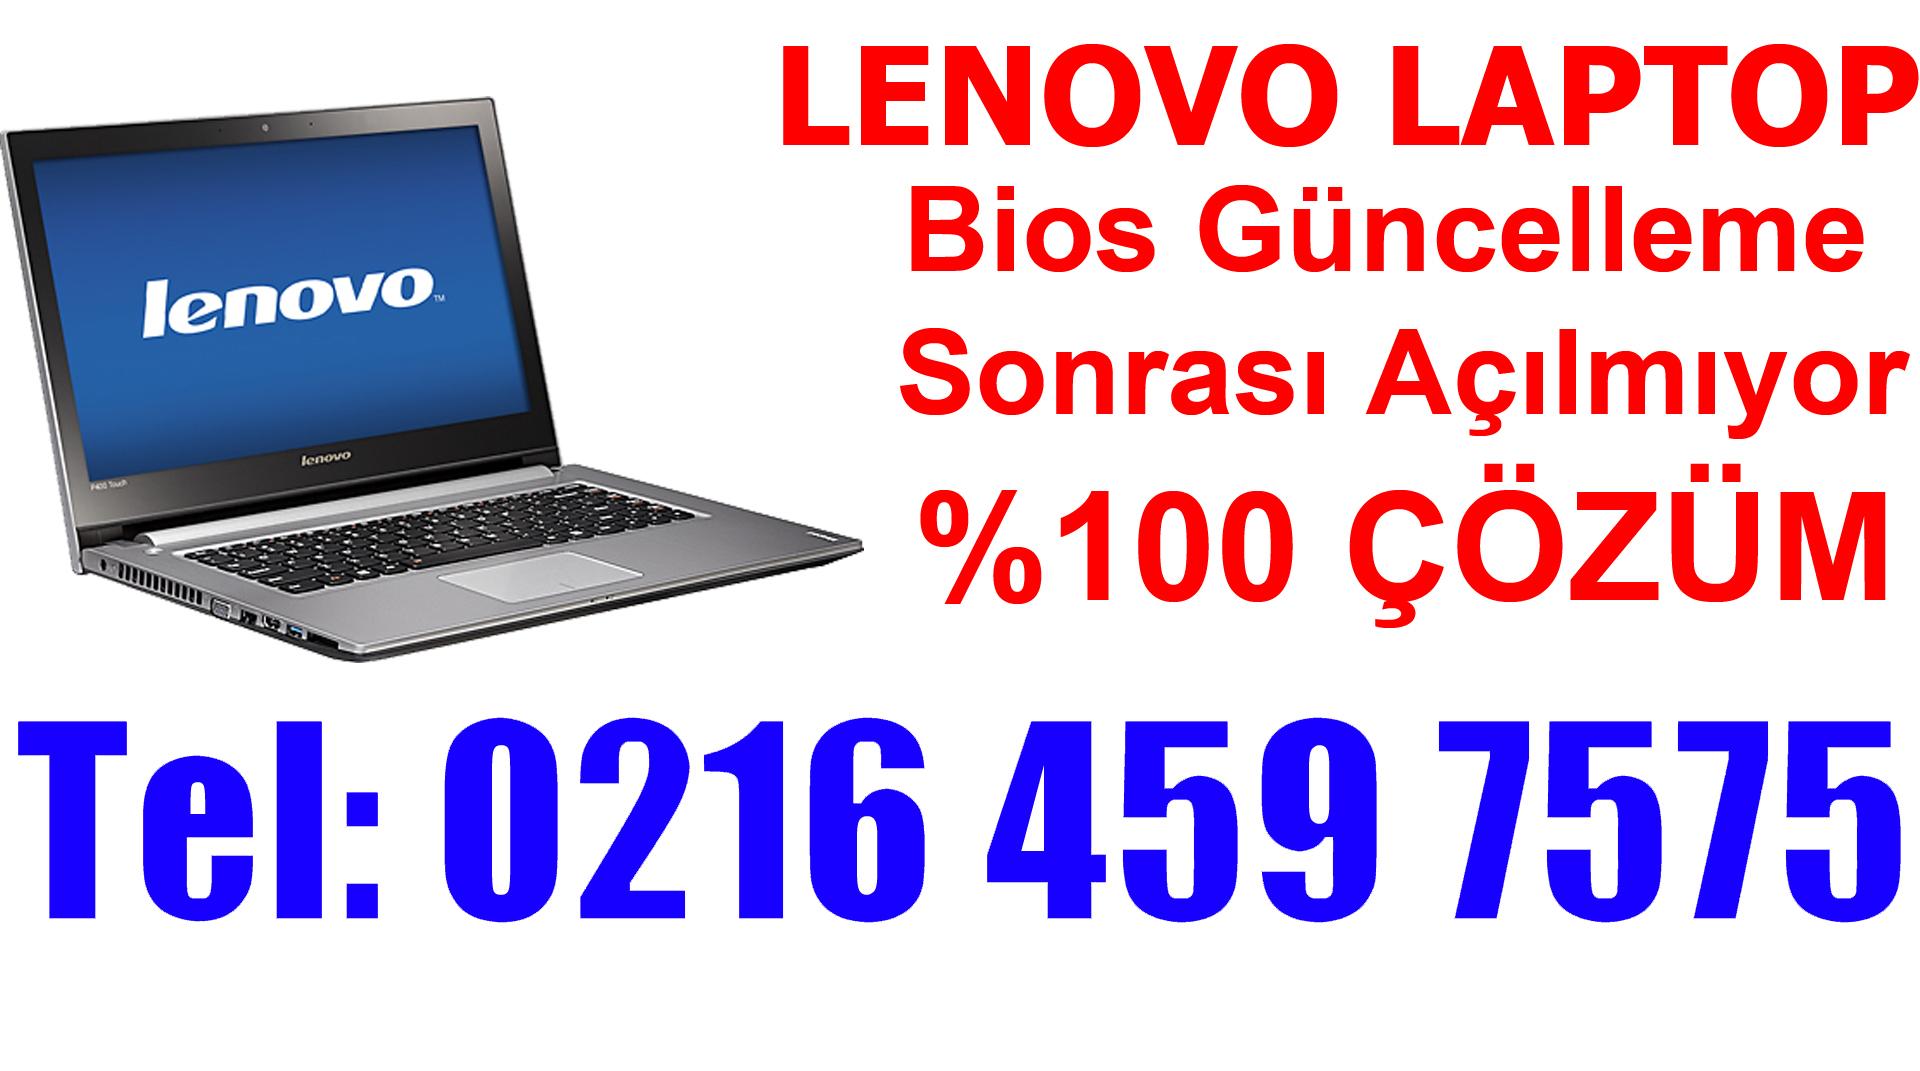 Lenovo Laptop Güncelleme Sonrası Açılmıyor